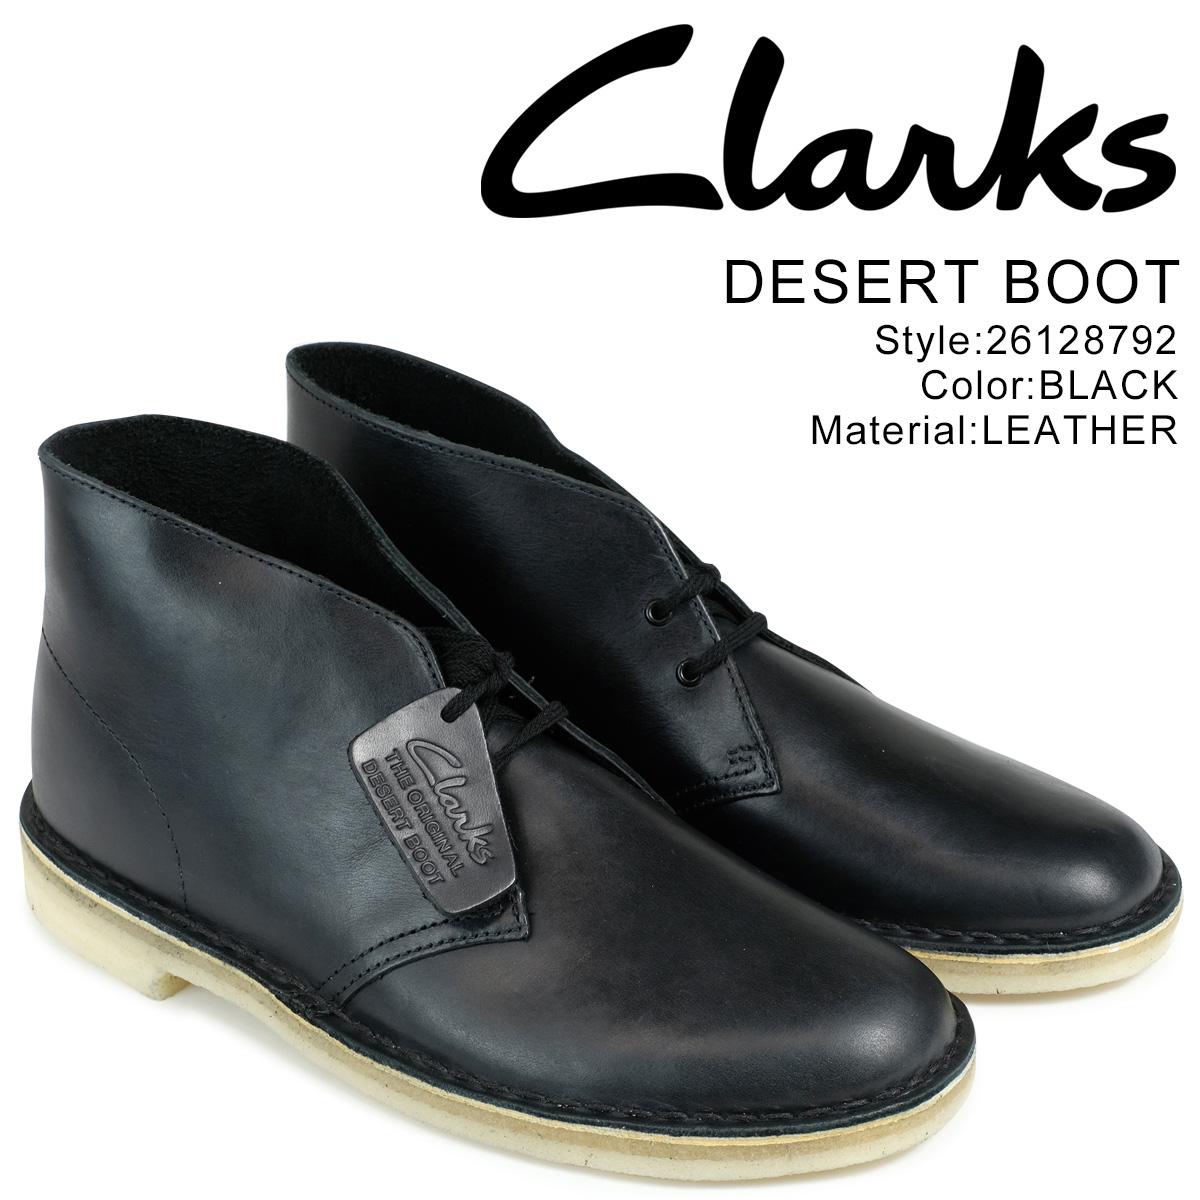 クラークス Clarks デザートブーツ メンズ DESERT BOOT 26128792 レザー ブラック